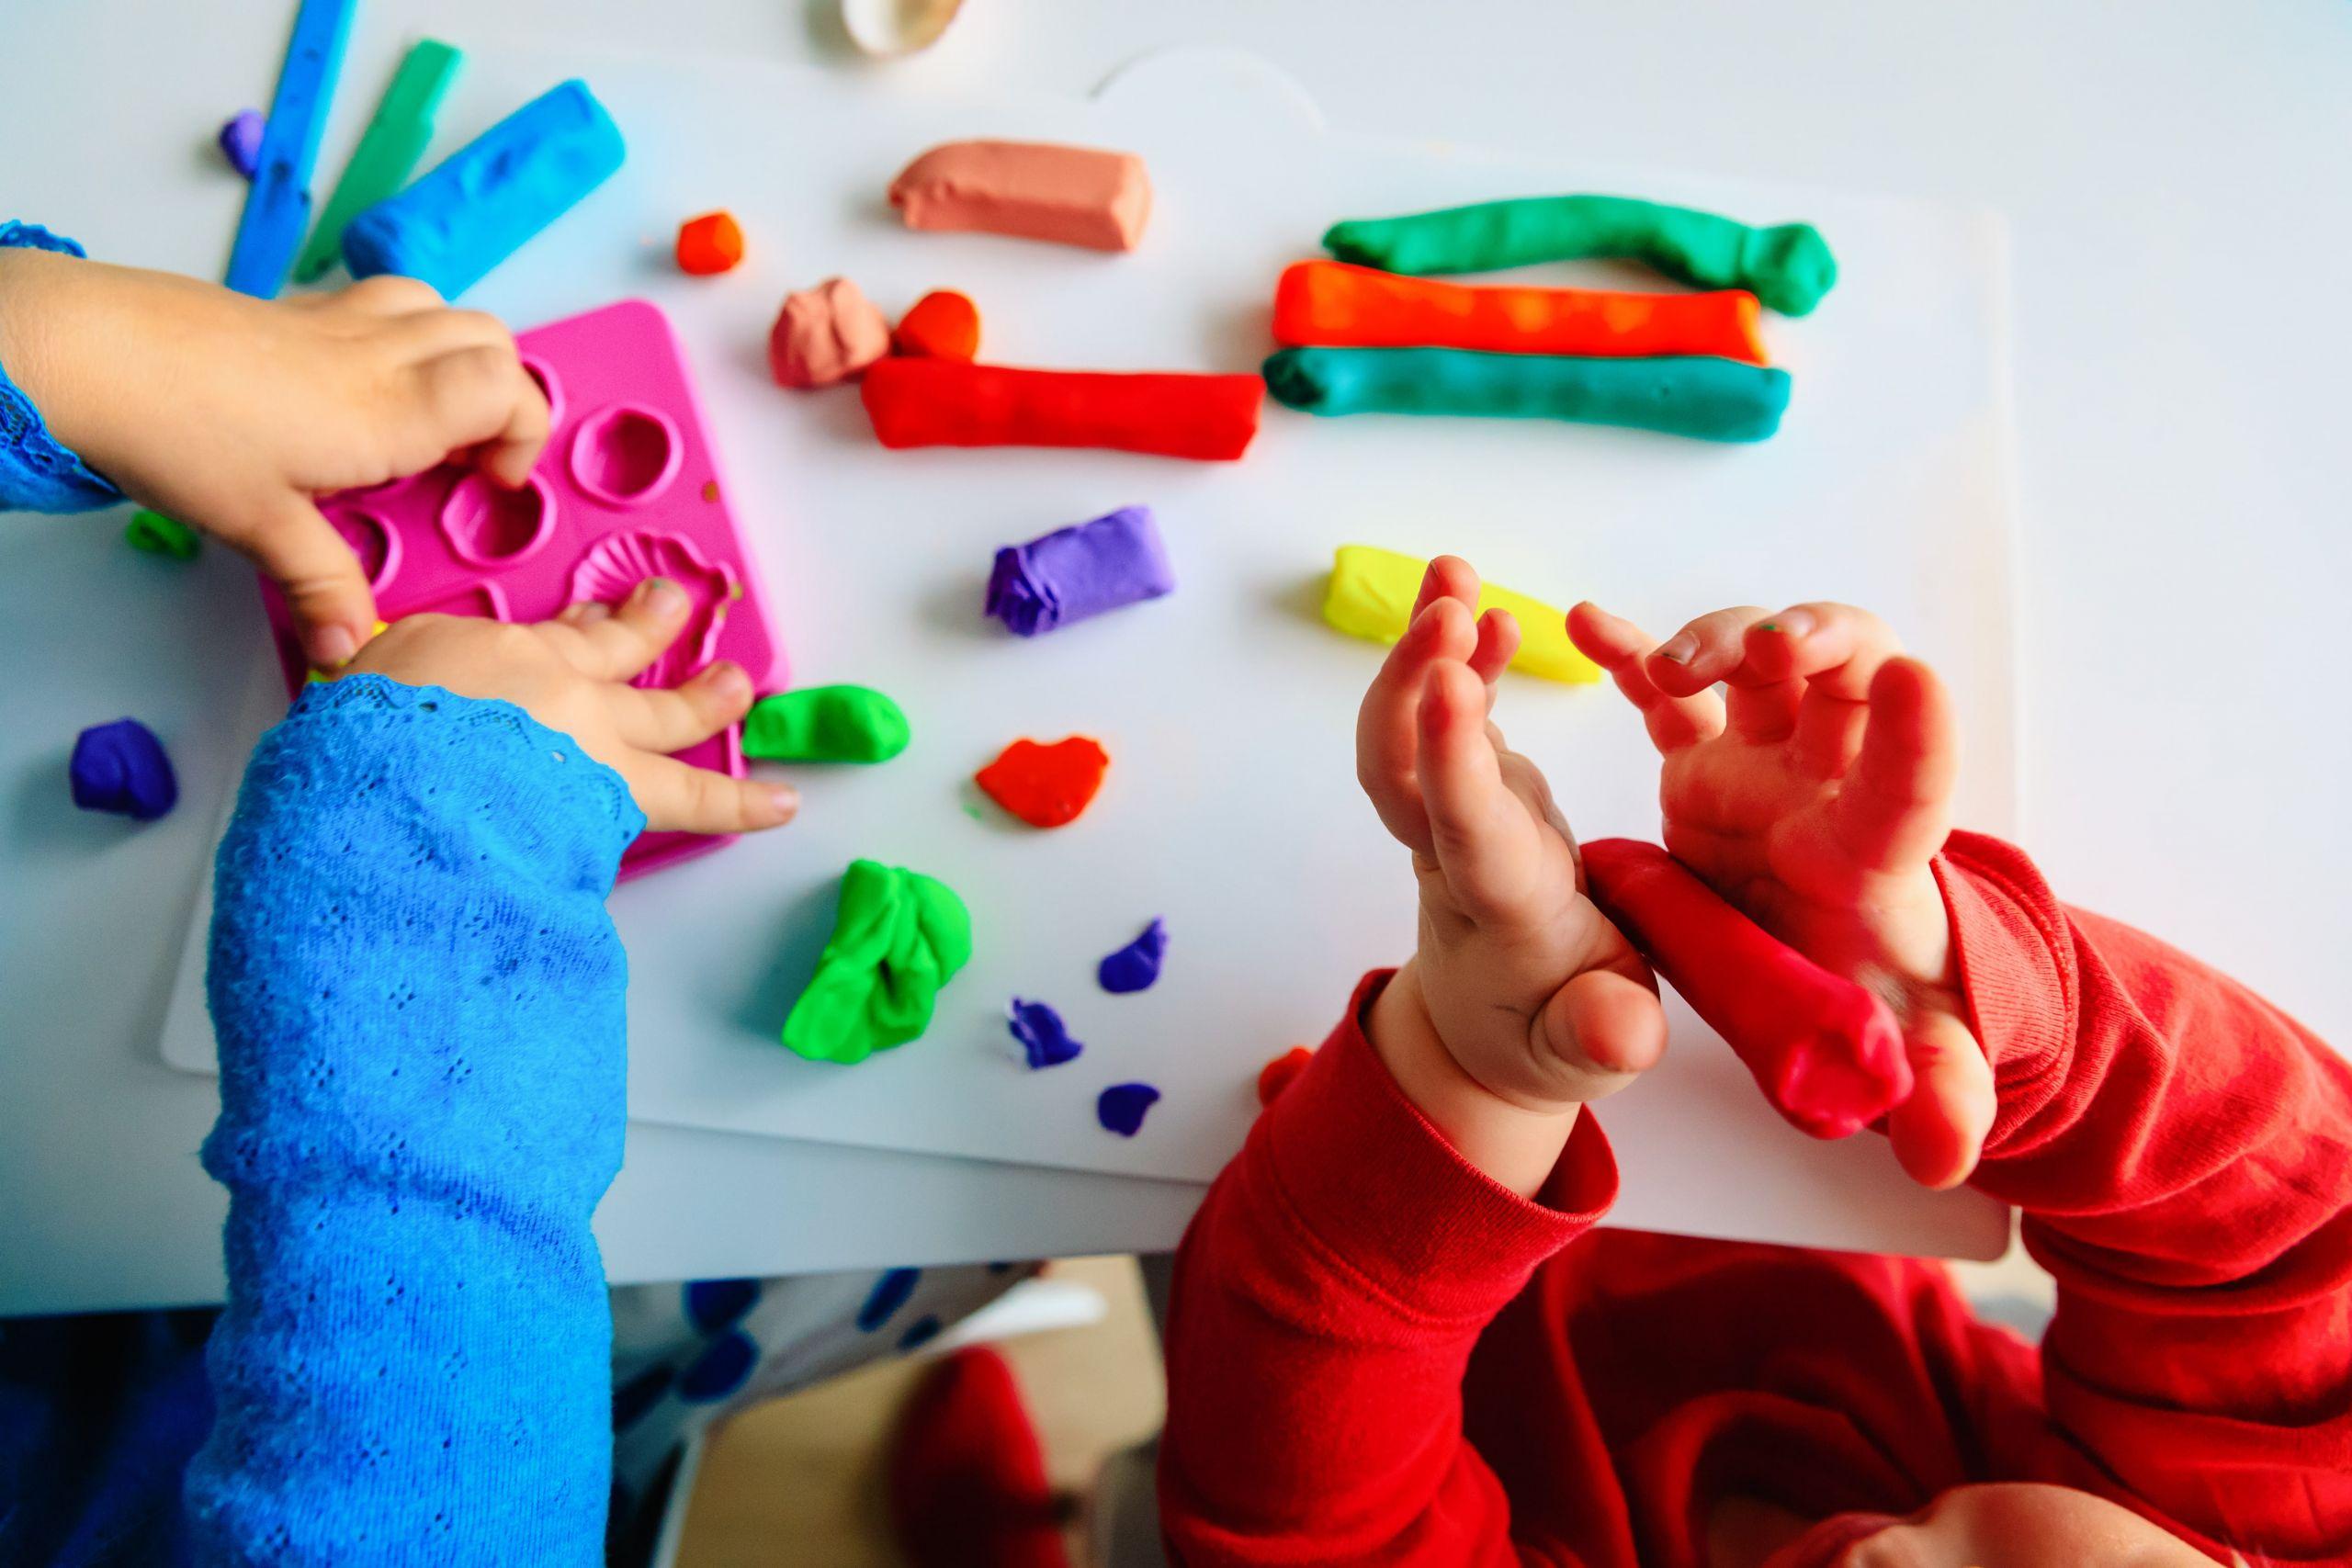 Ίδρυμα Θεοχαράκη: Εξερευνώντας τις αισθήσεις – Για βρέφη 12-24 μηνών